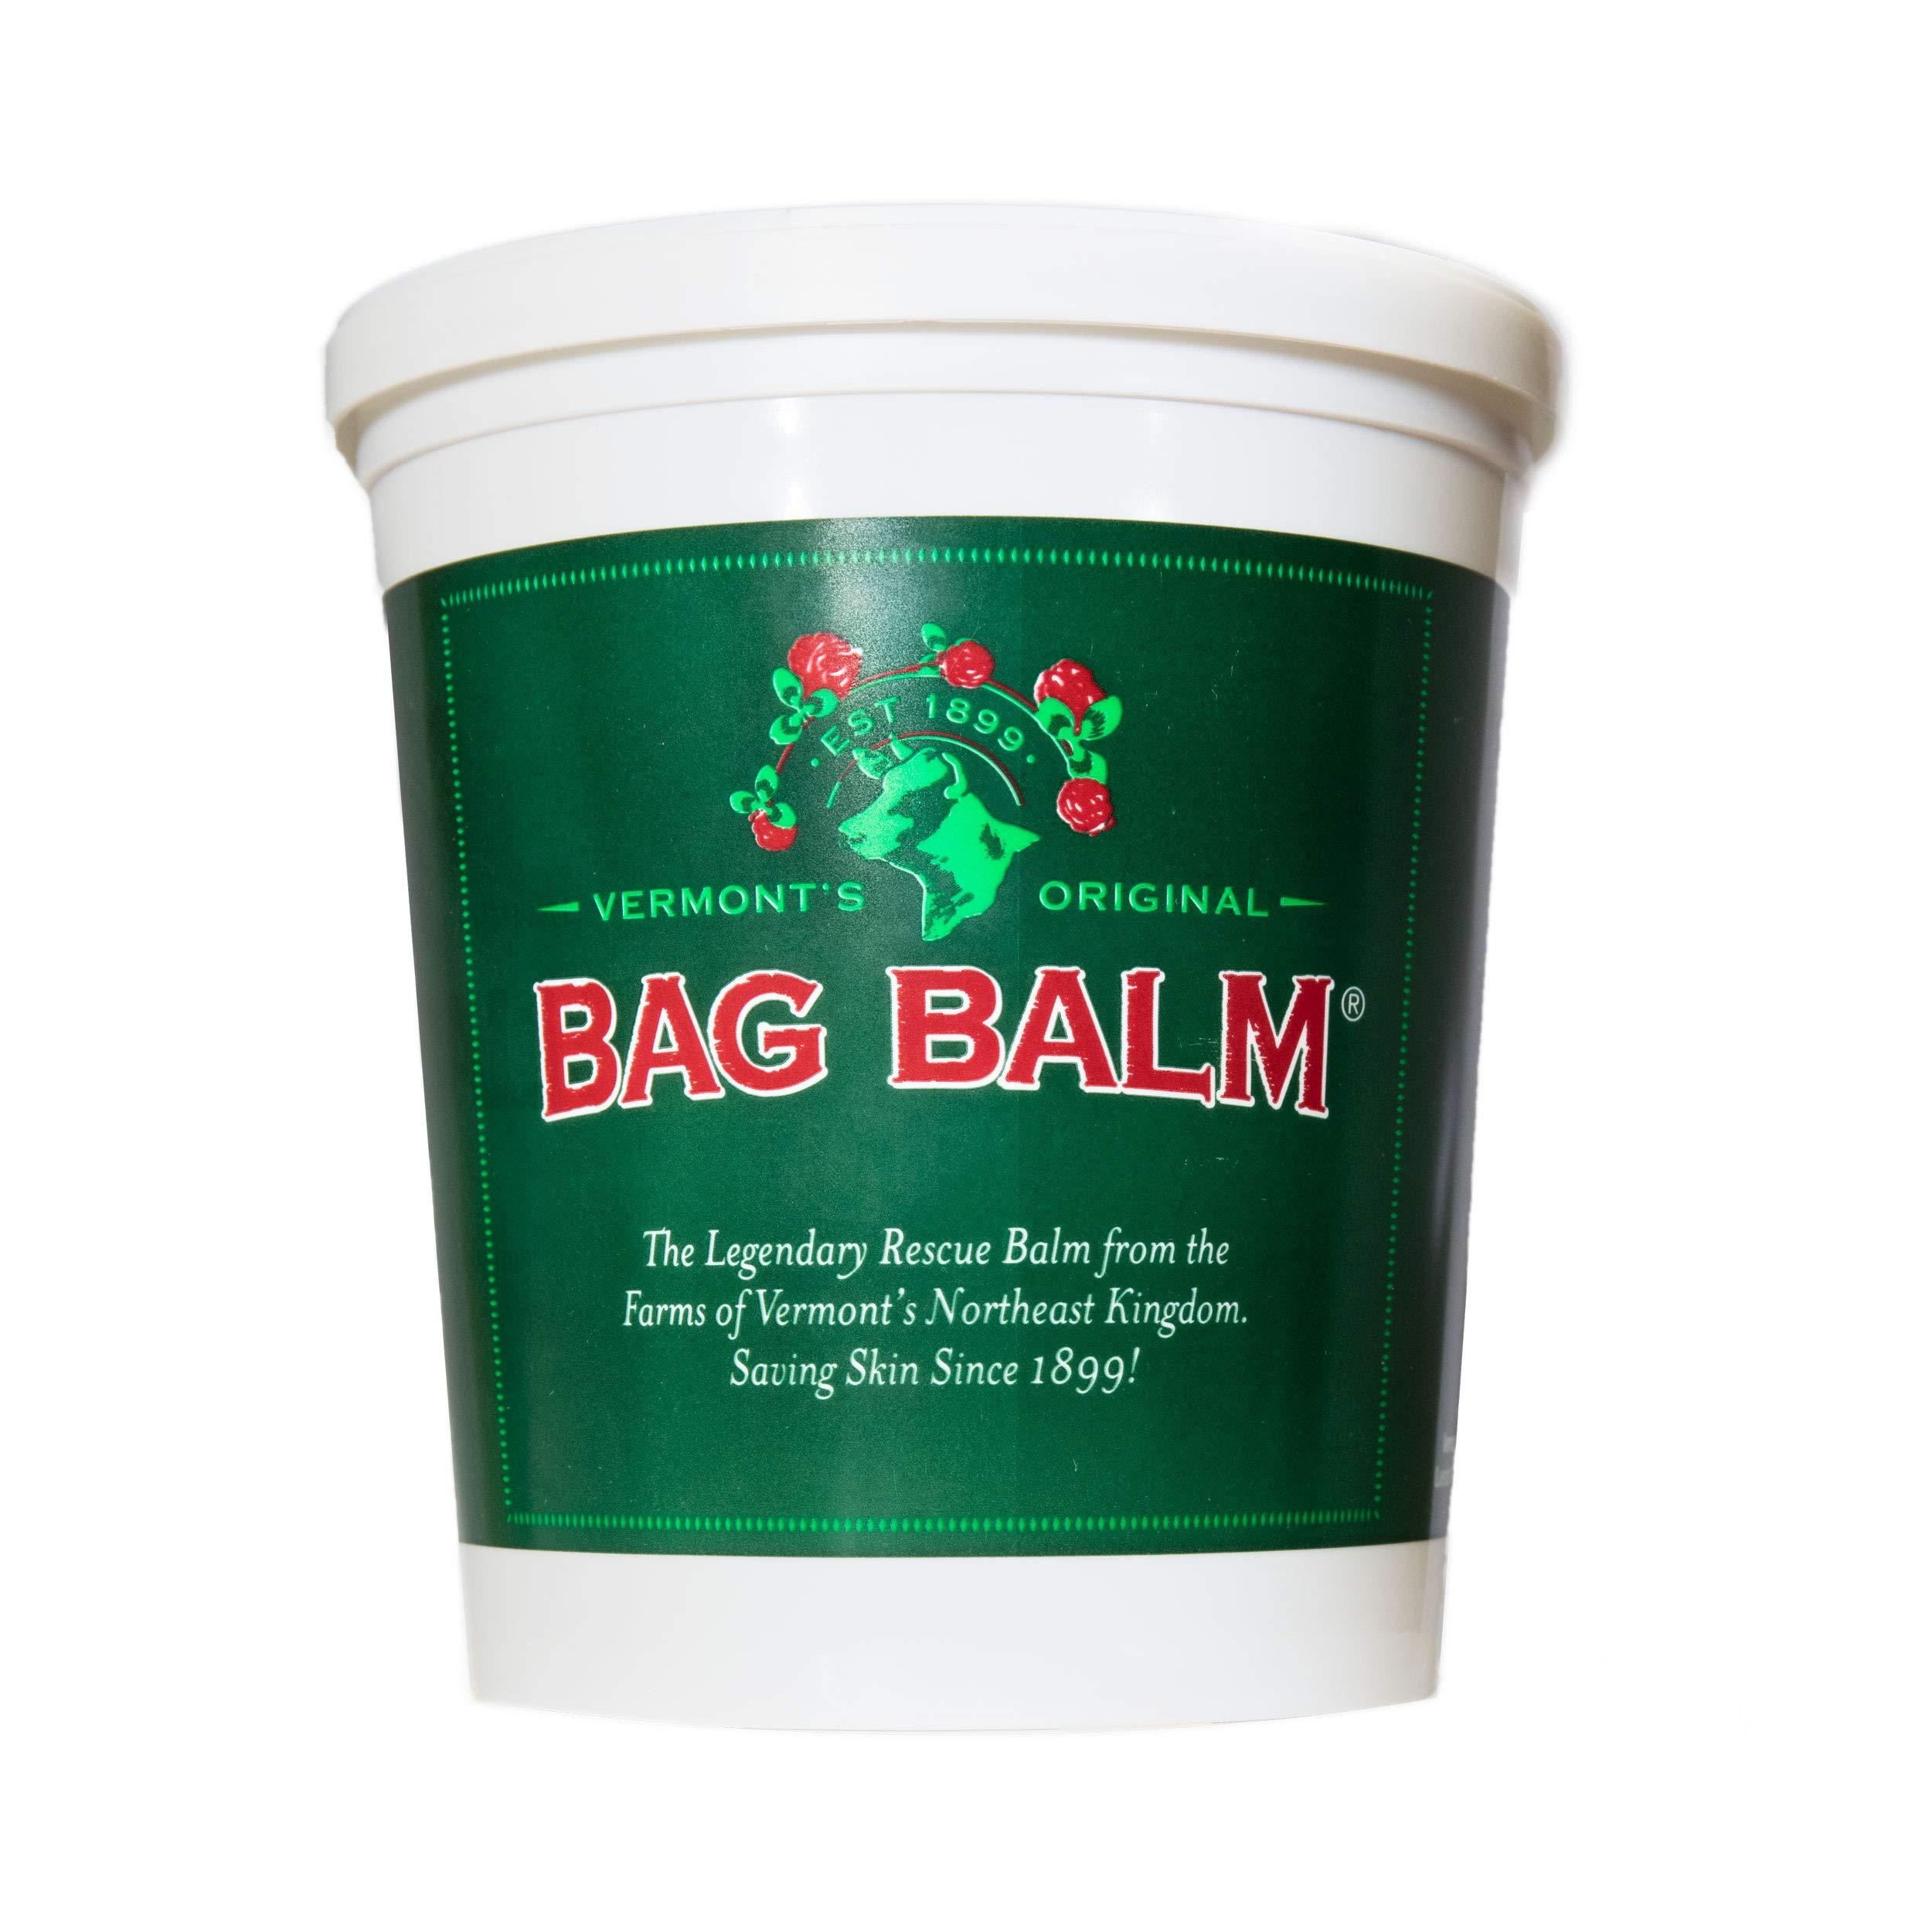 Bag Balm Vermont's Original 4.5 lb. Pail for